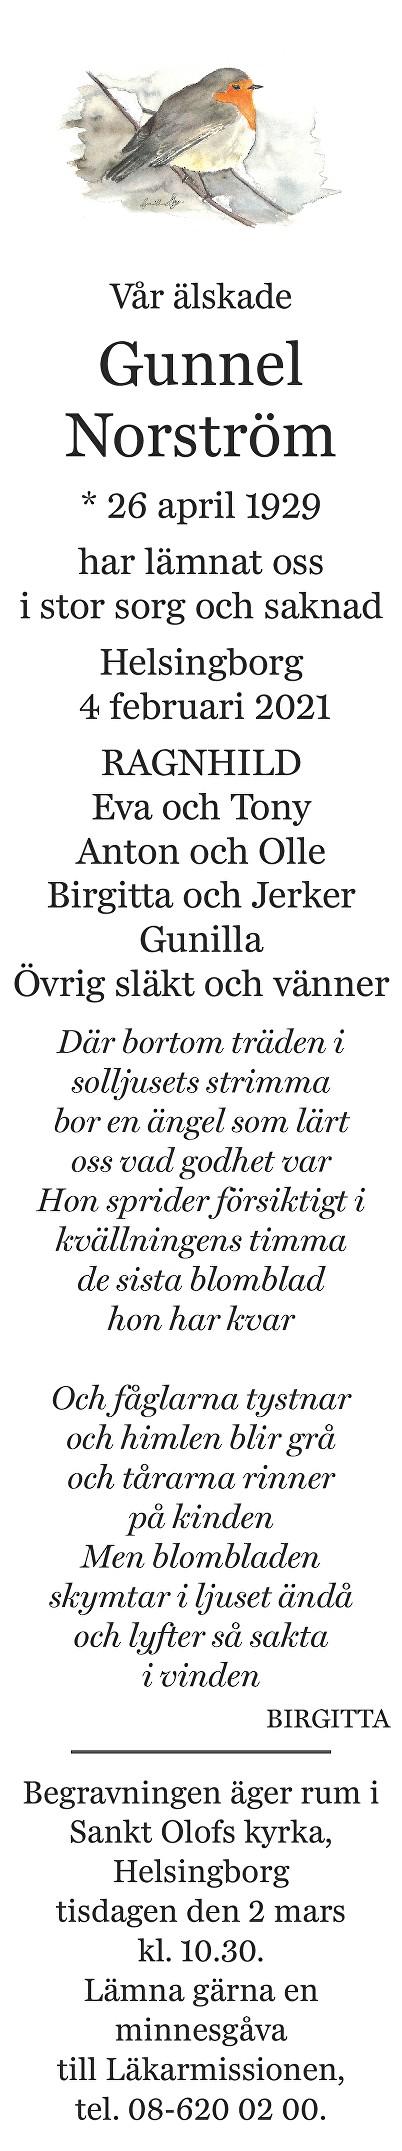 Gunnel Norström Death notice